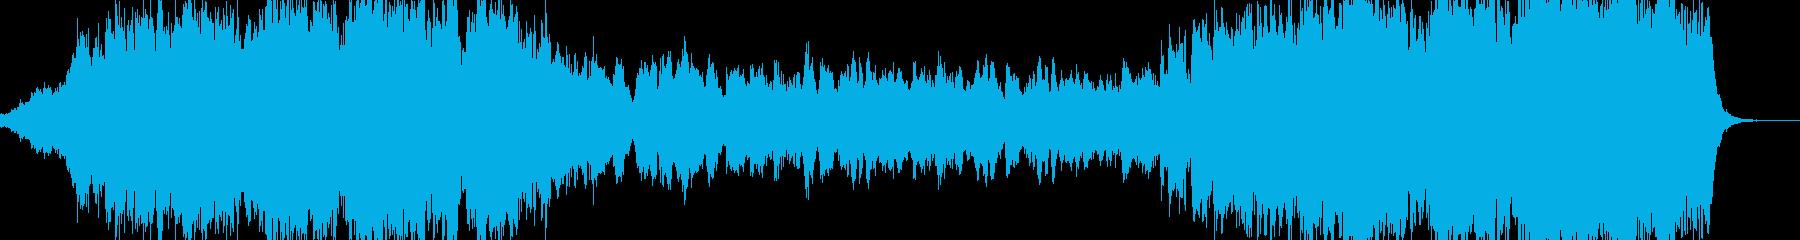 ファンタジー世界での最終決戦前の再生済みの波形